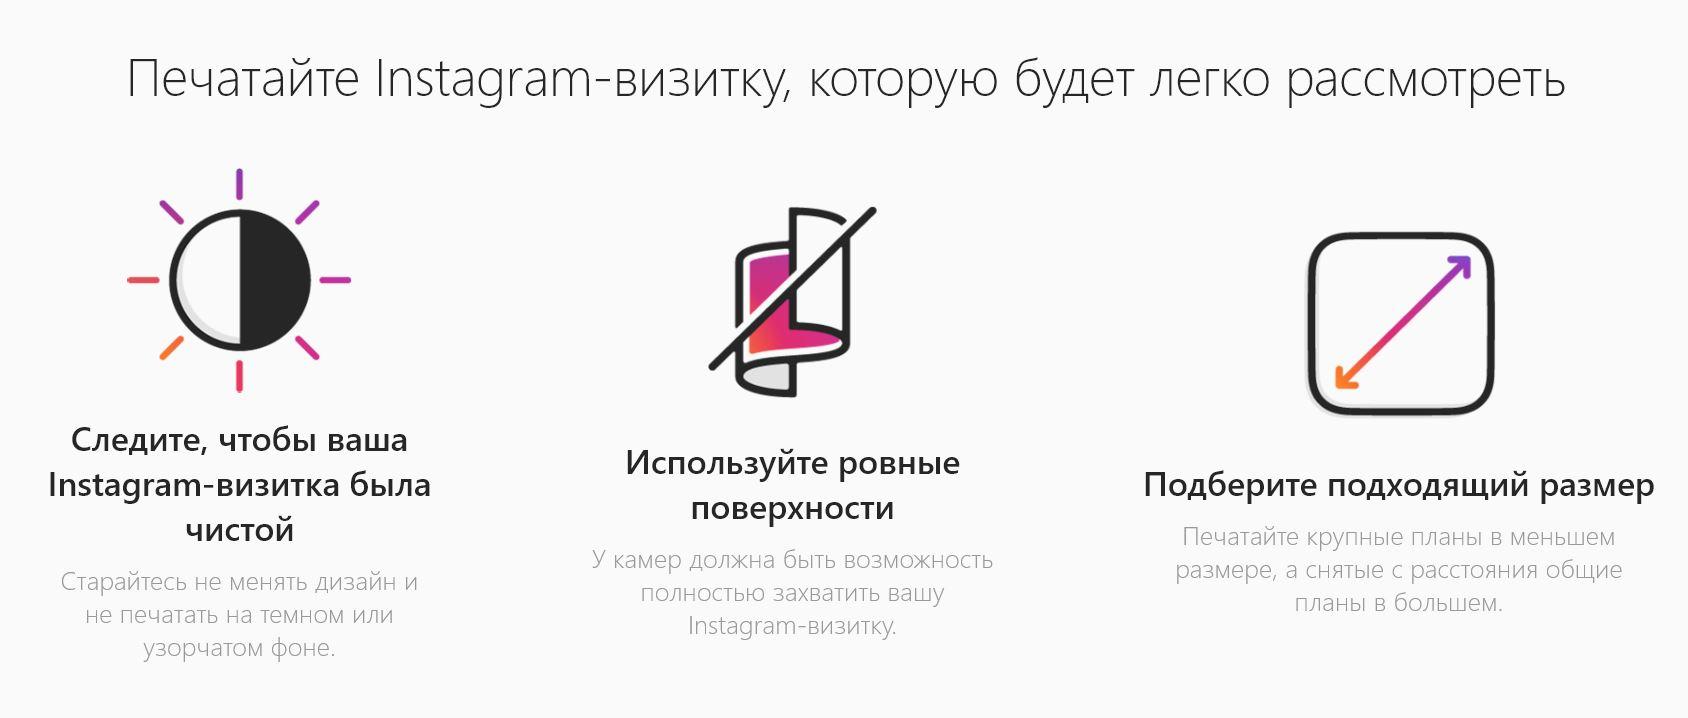 что такое инстаграм визитка | naoblakax.ru